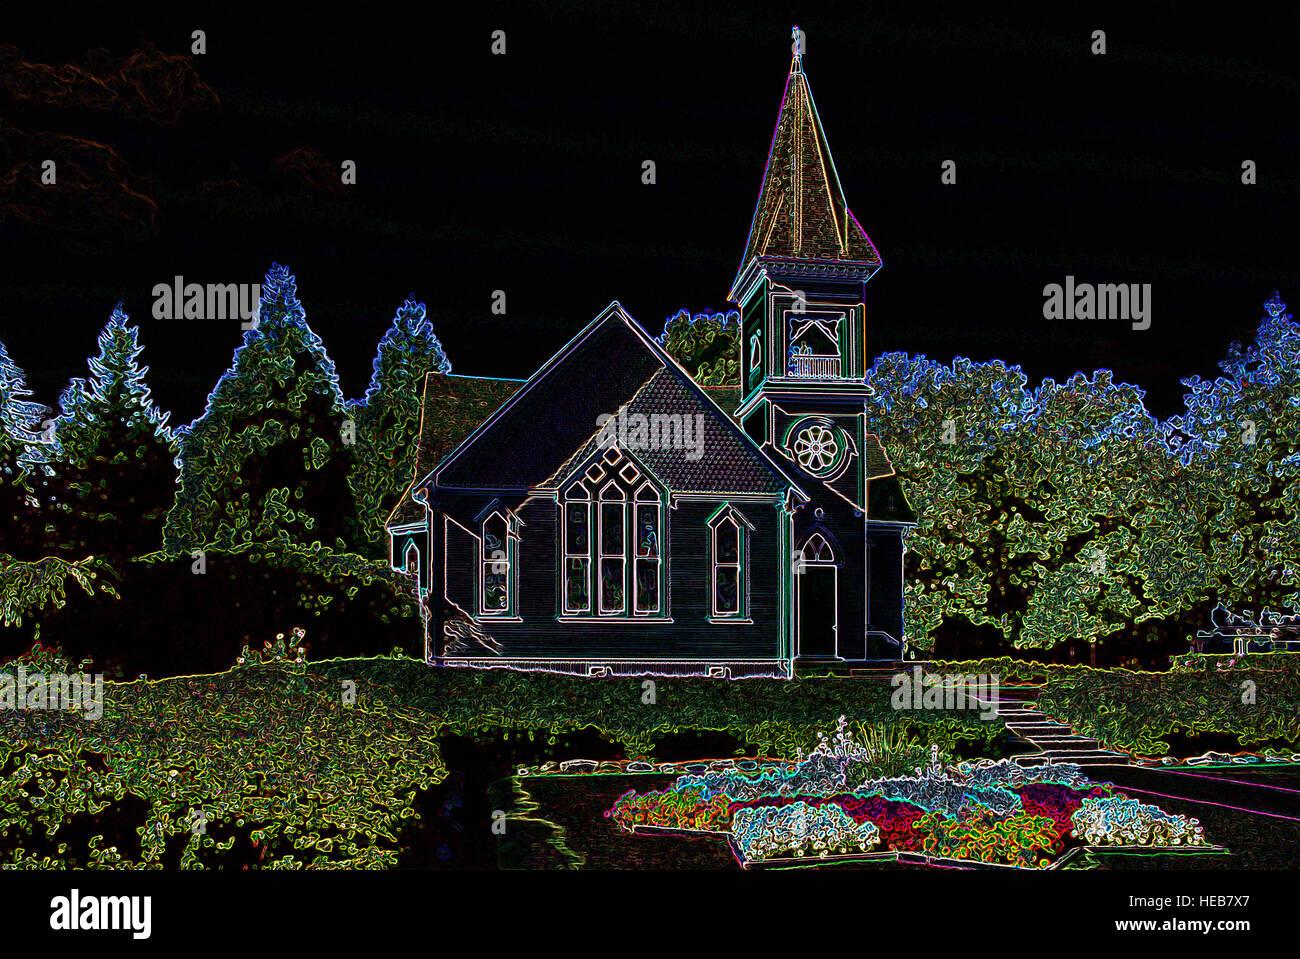 Kleine ländliche Holzkirche - digital manipulierte Bild mit leuchtenden Kanten, abstrakte Architektur und Landschaft Stockbild